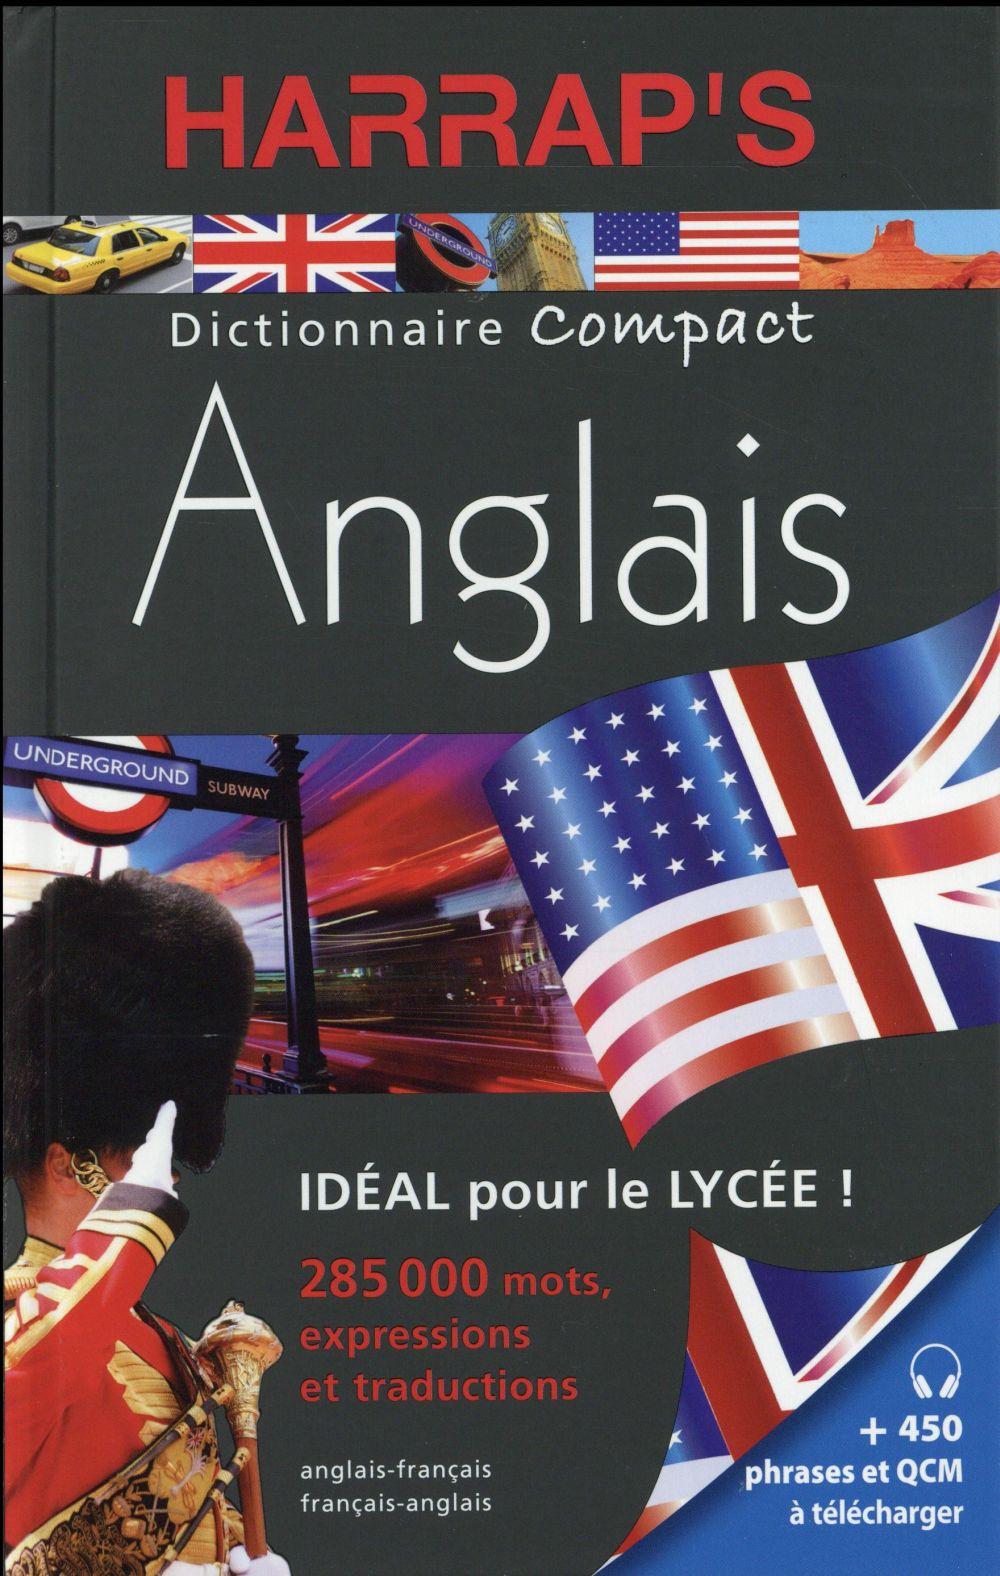 DICTIONNAIRE HARRAP'S COMPACT  -  ANGLAIS-FRANCAIS  FRANCAIS-ANGLAIS (EDITION 2016) XXX Harrap 's